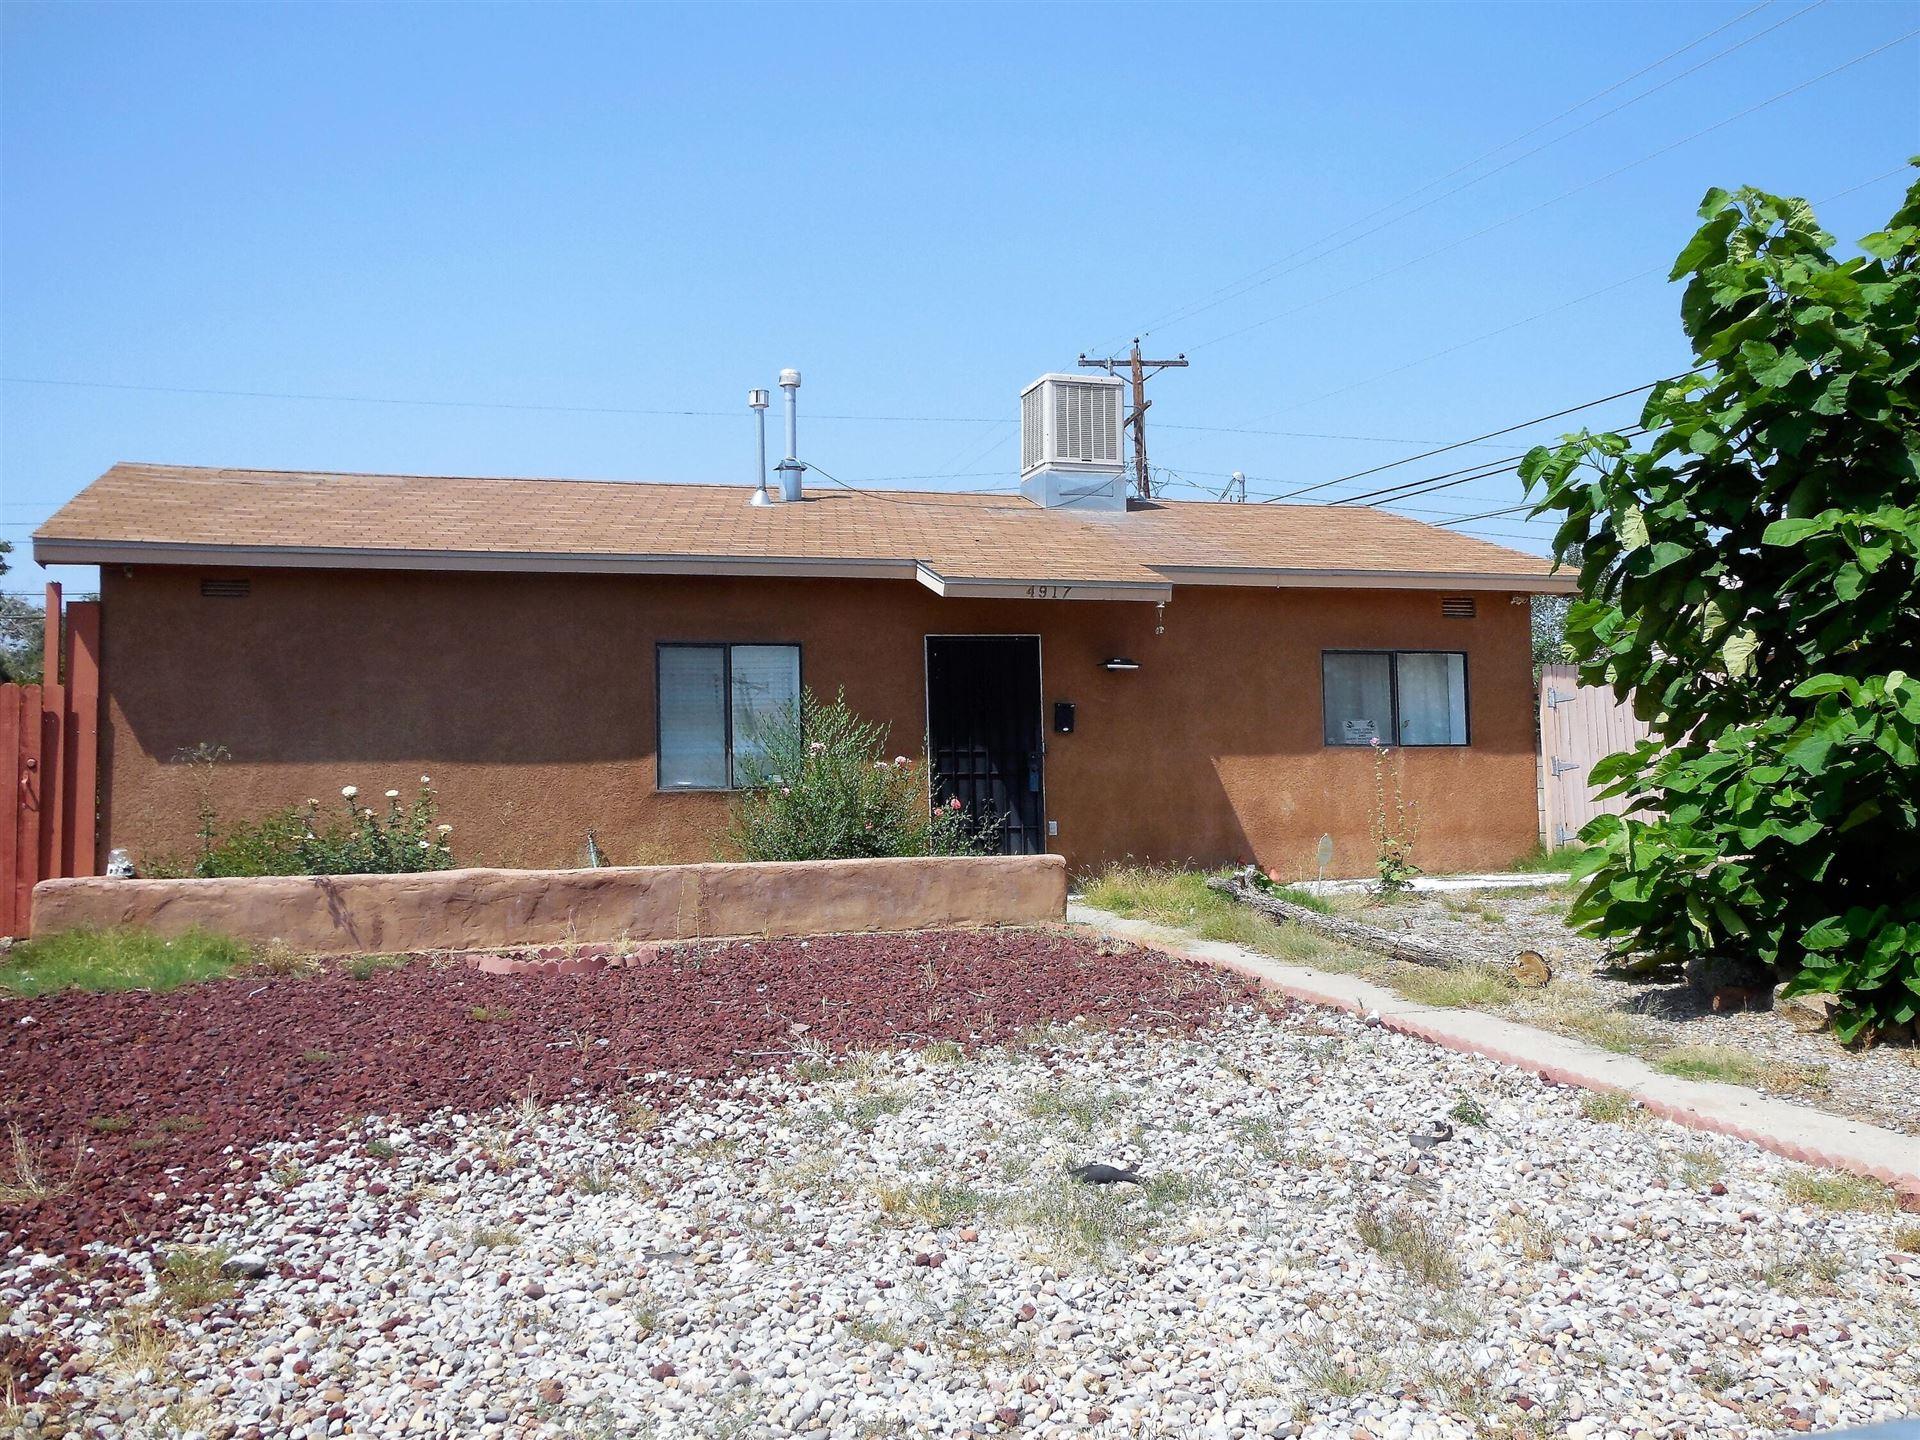 Photo of 4917 CHEROKEE Road NE, Albuquerque, NM 87110 (MLS # 1000583)